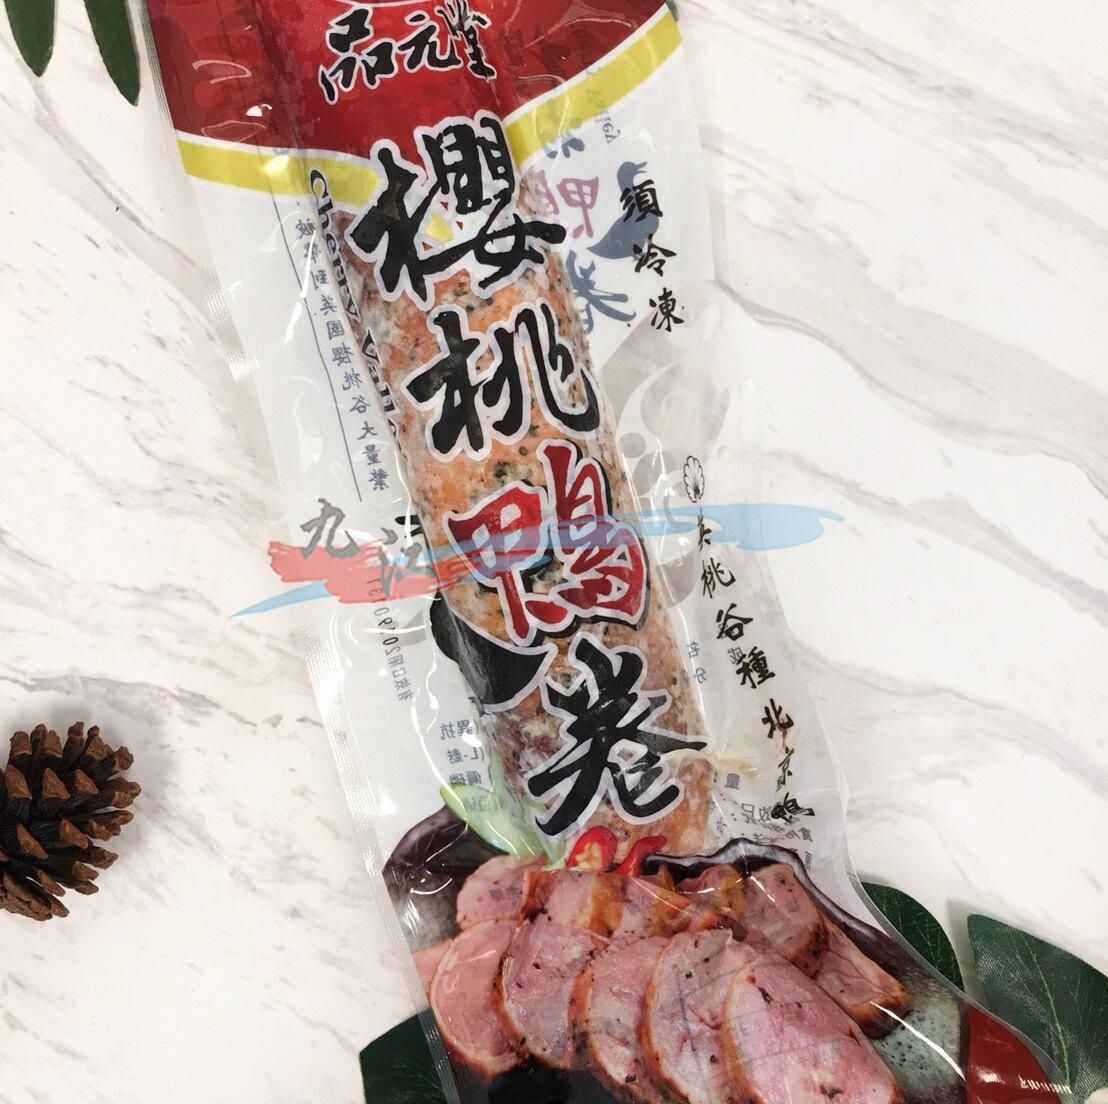 【九江水產】櫻桃鴨捲(品元堂)----解凍即食輕鬆上桌